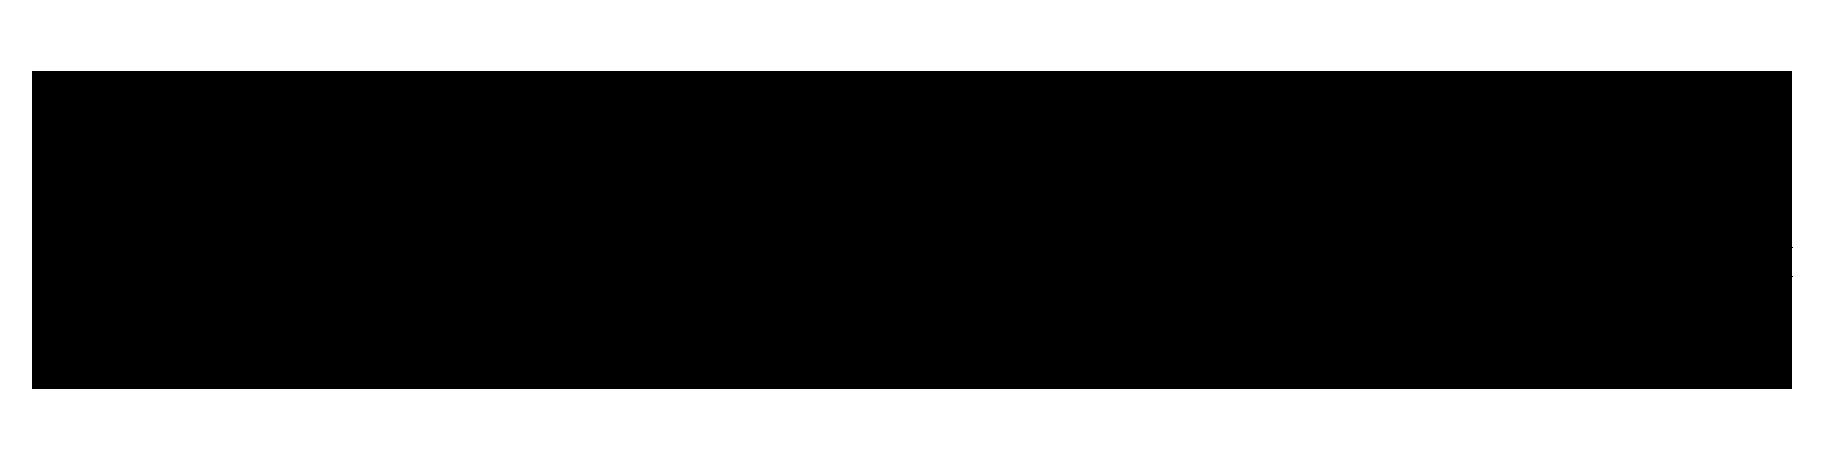 kunye2018